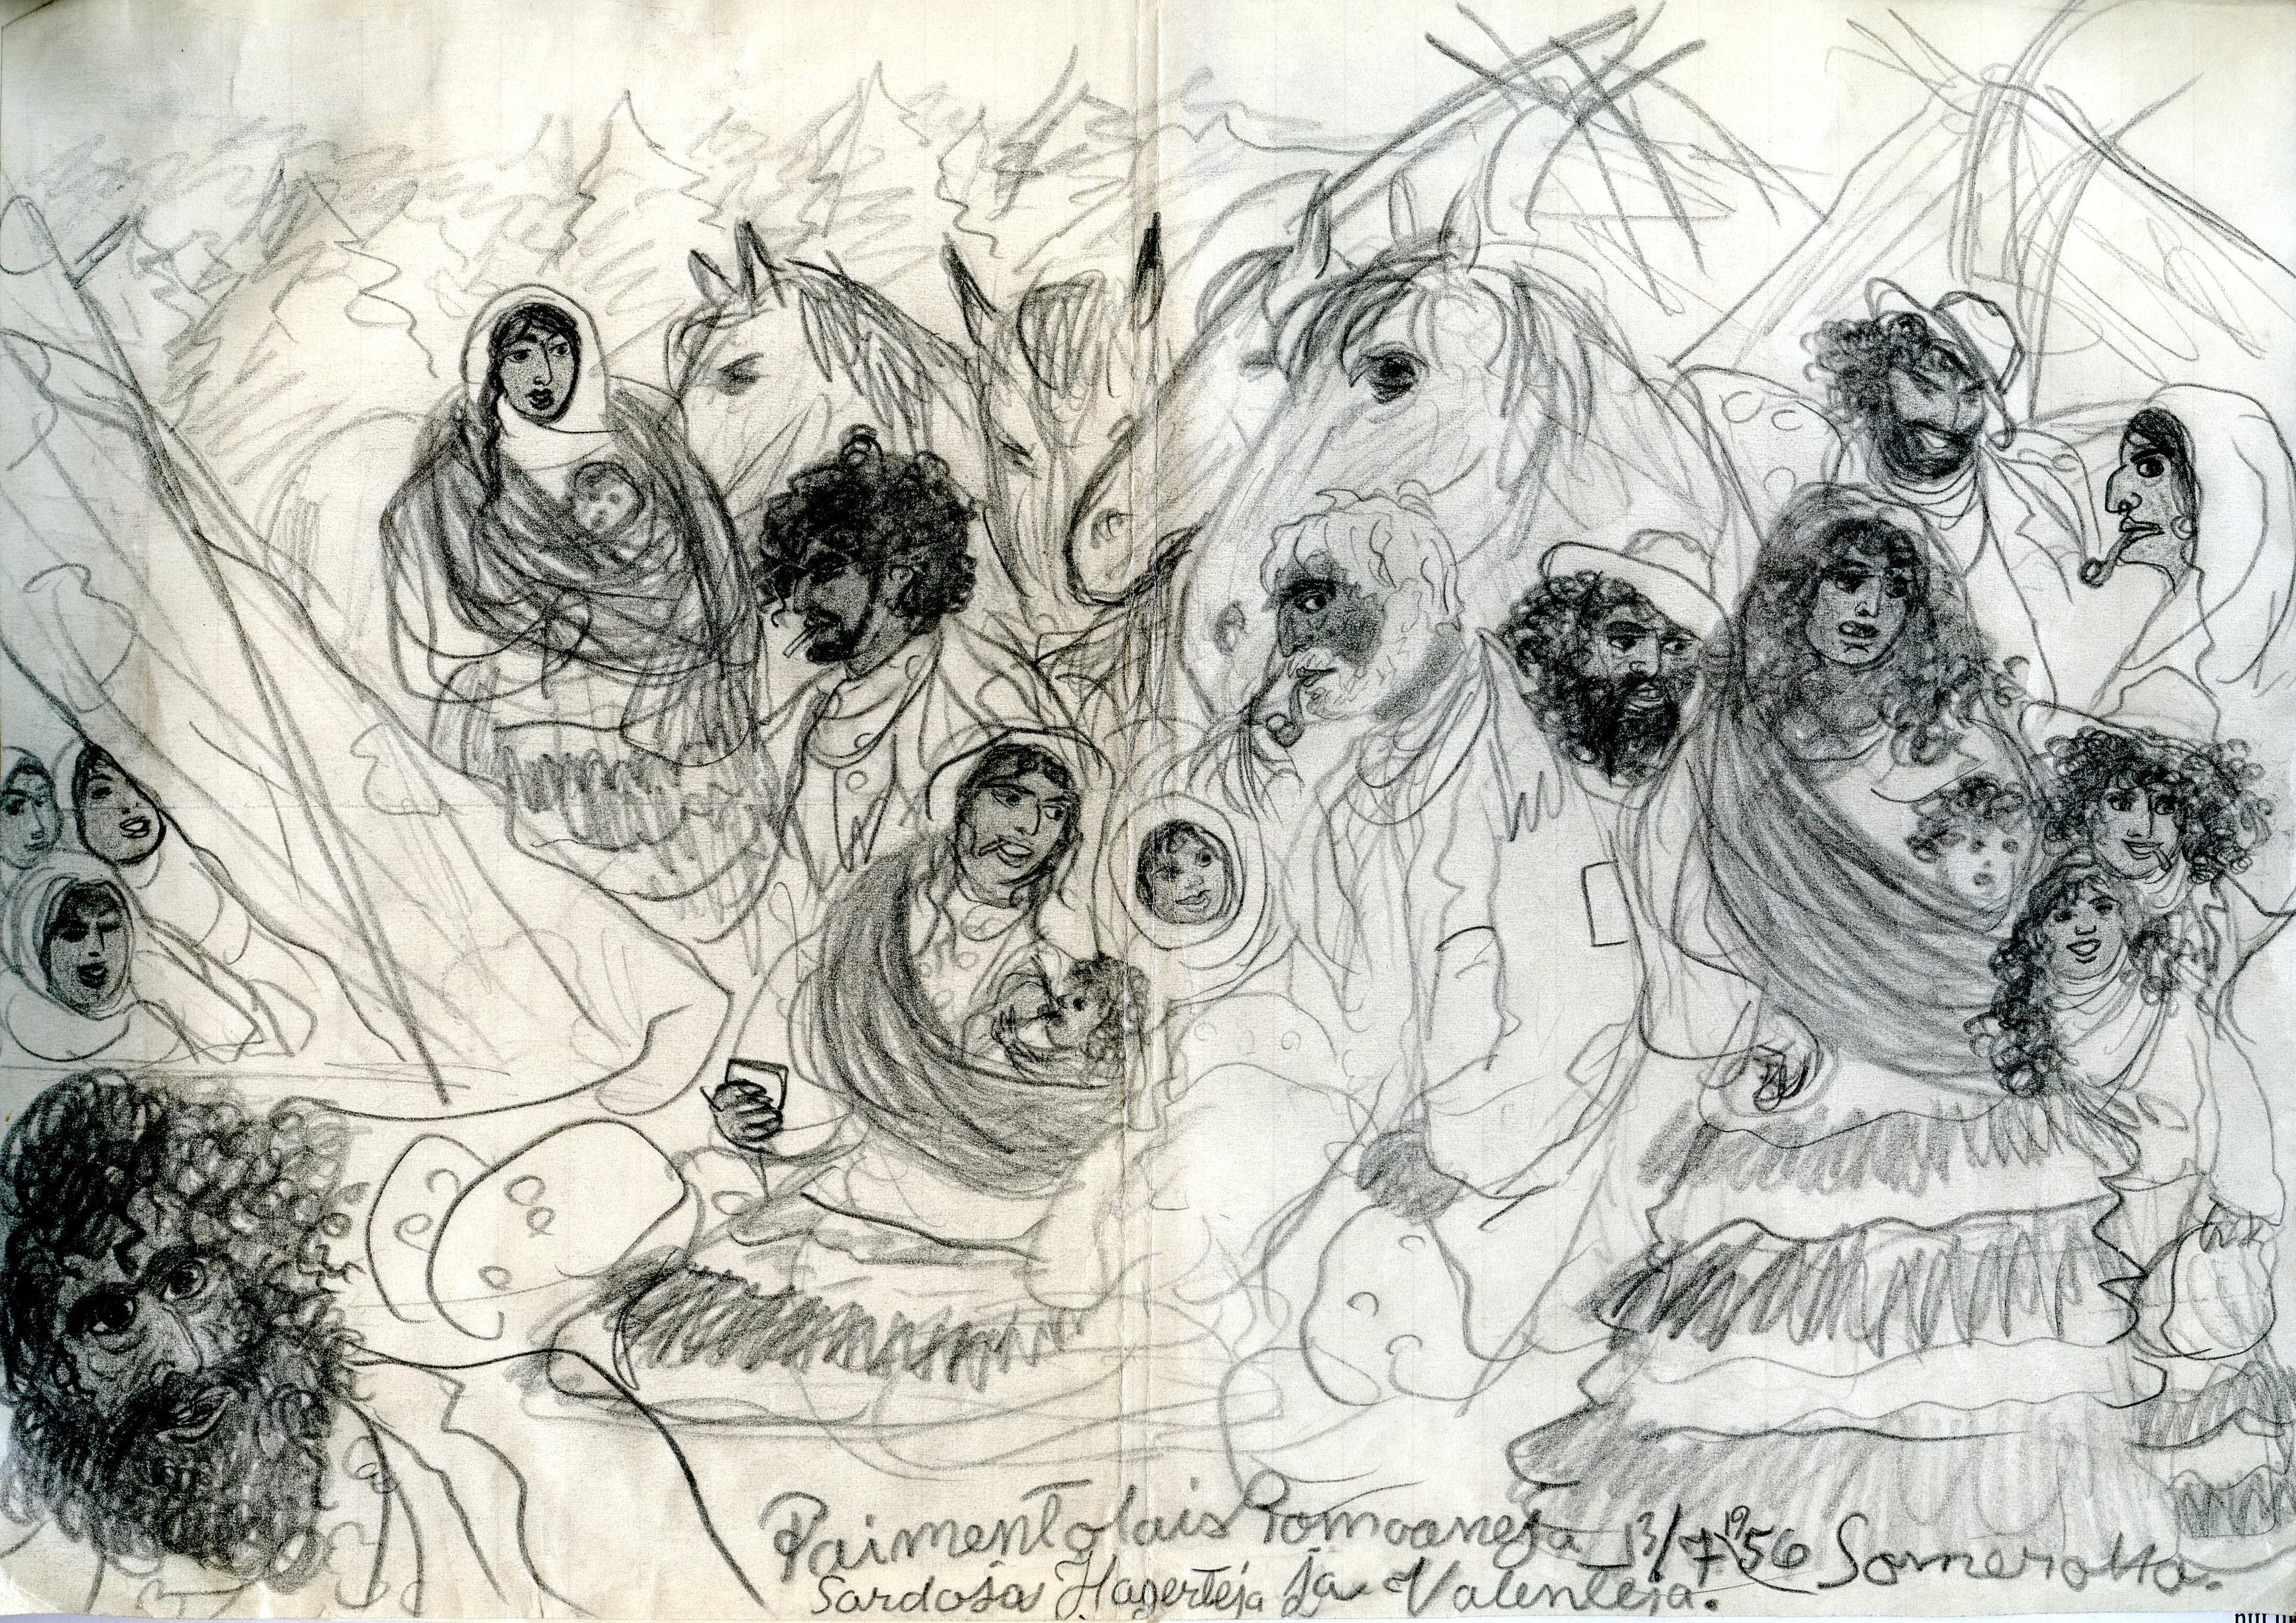 """Matti Simolan piirros: """"PaimentolaisRomaaneja 13.7.1956 Somerolla. Sardoja, Hagerteja ja Valenteja"""". Kuva: Matti Simola 1957. SKS."""